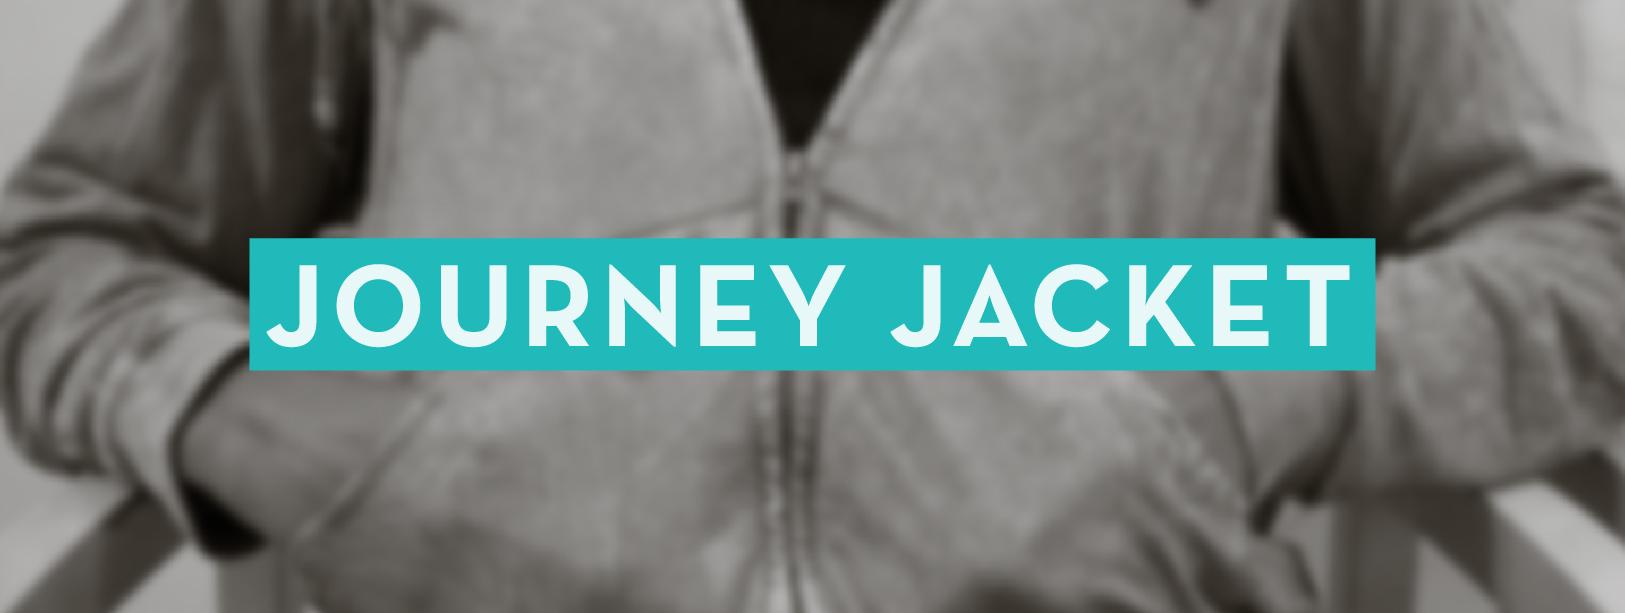 journey-jacketHERO.jpg